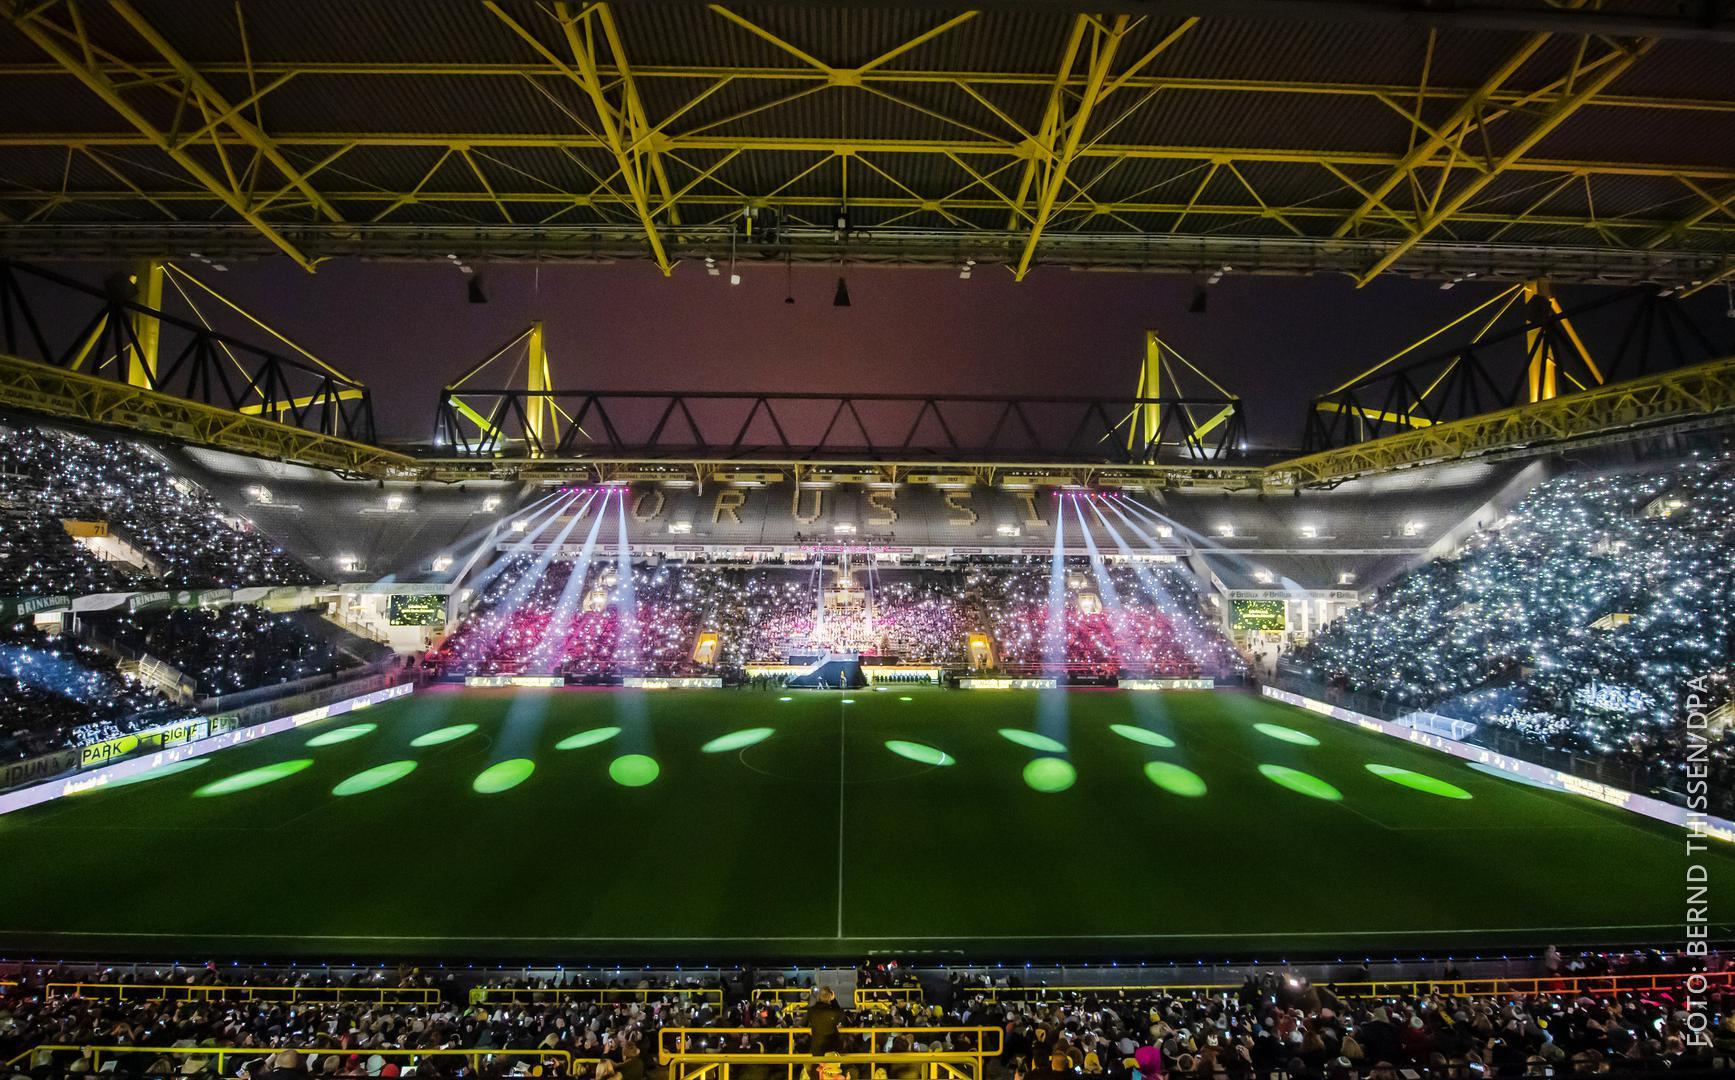 Das Dortmunder Stadion ist voll besetzt und Scheinwerfer beleuchten das Spielfeld